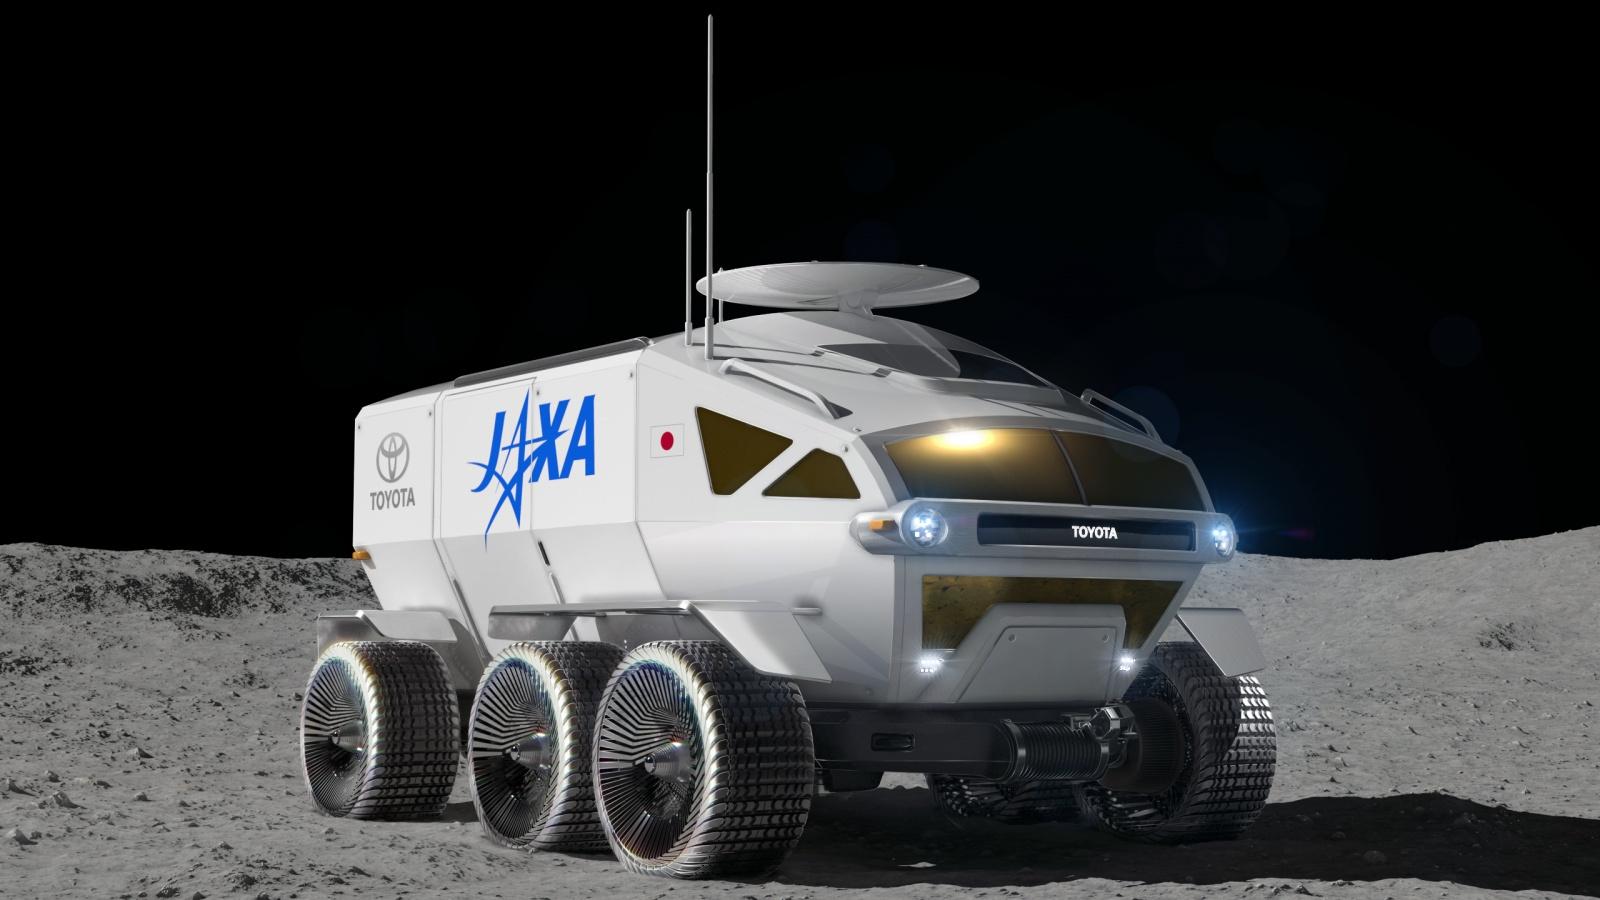 Тойота и JAXA в 2029 году планируют иметь пилотируемый ровер на Луне - 1